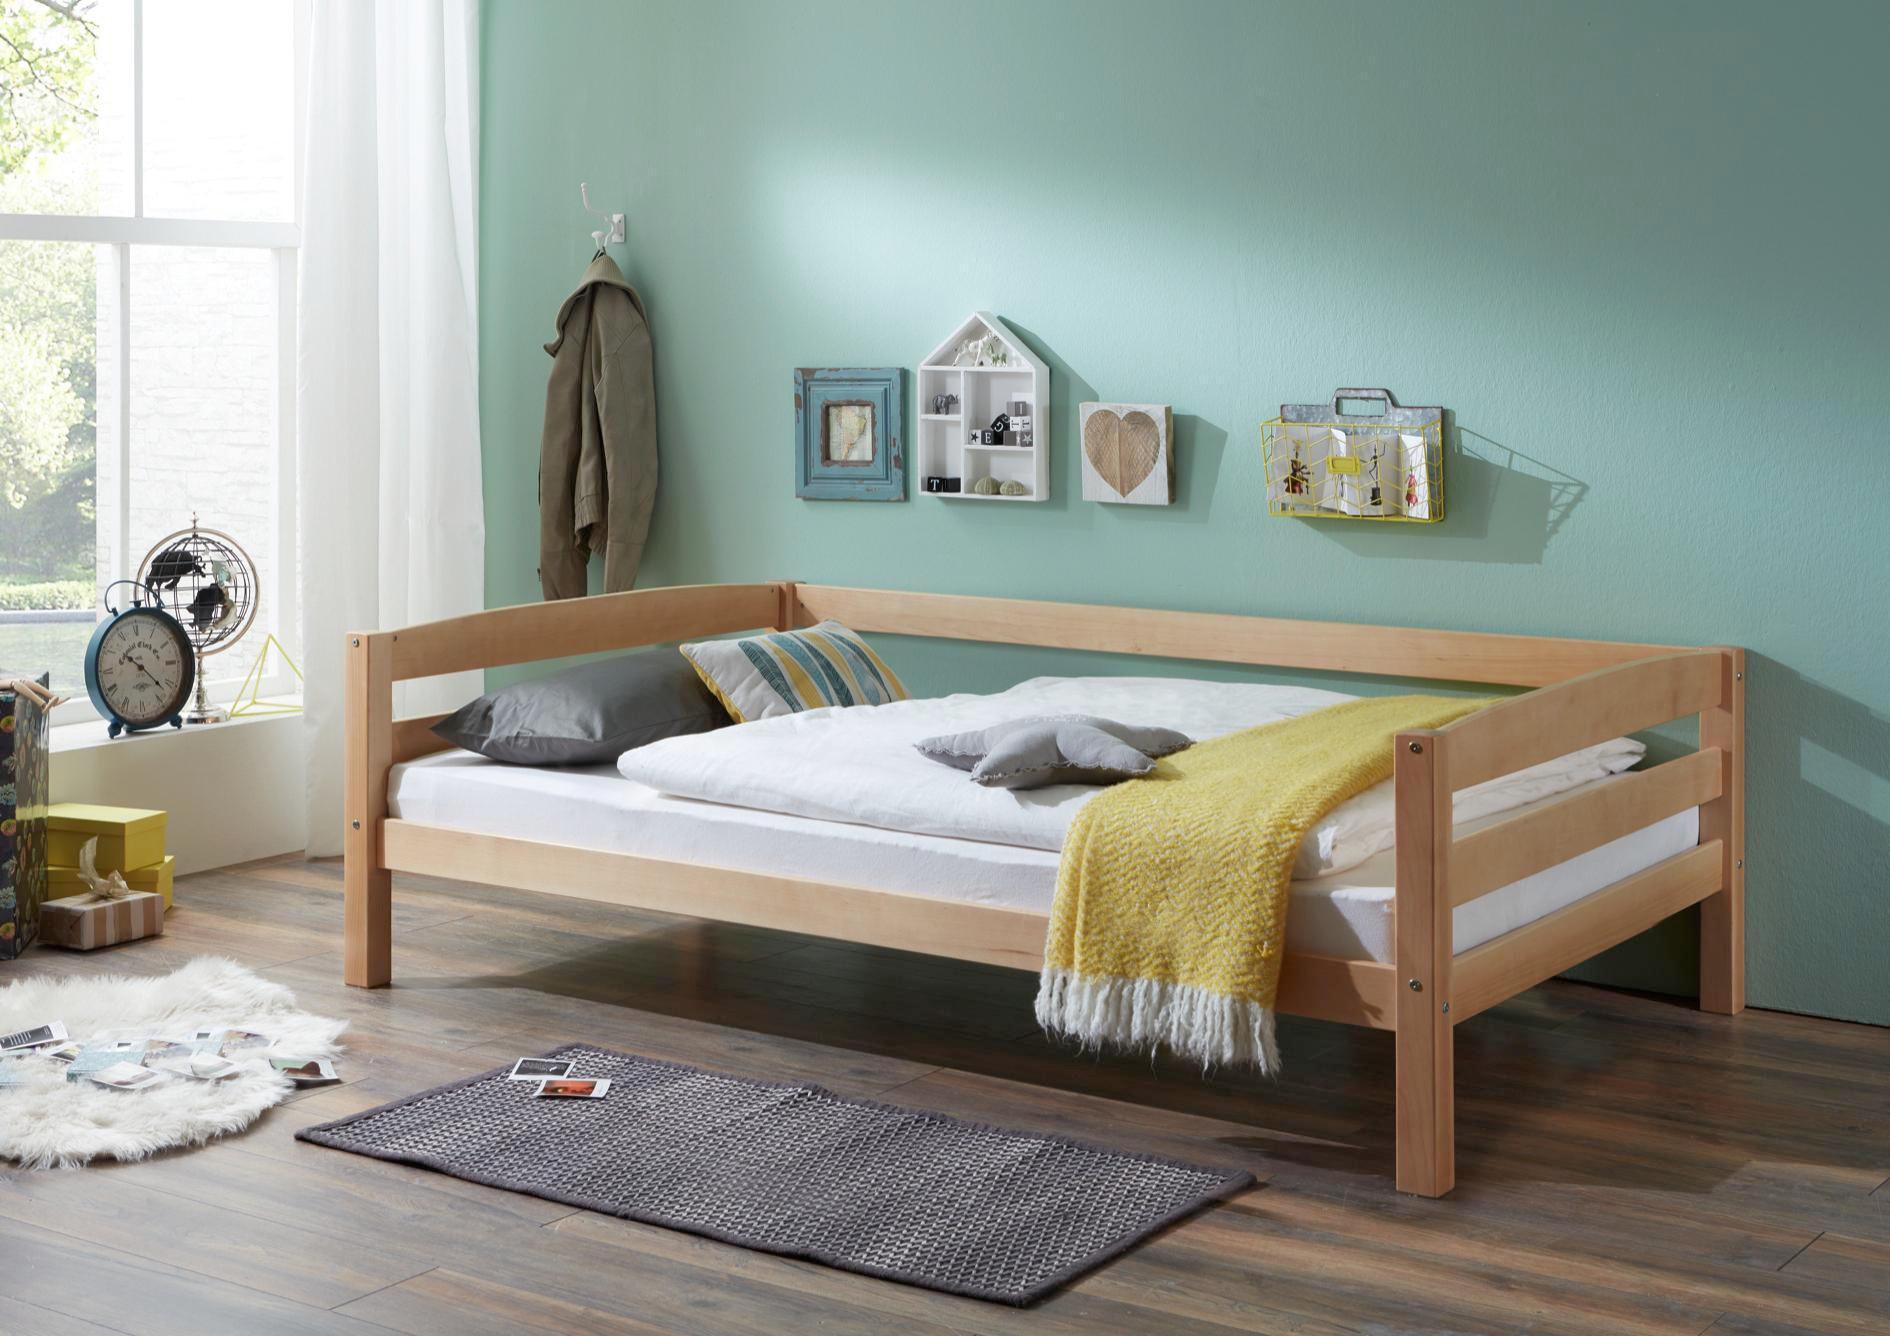 Etagenbett Xxl Möbel : Kinderbetten online kaufen xxxlutz